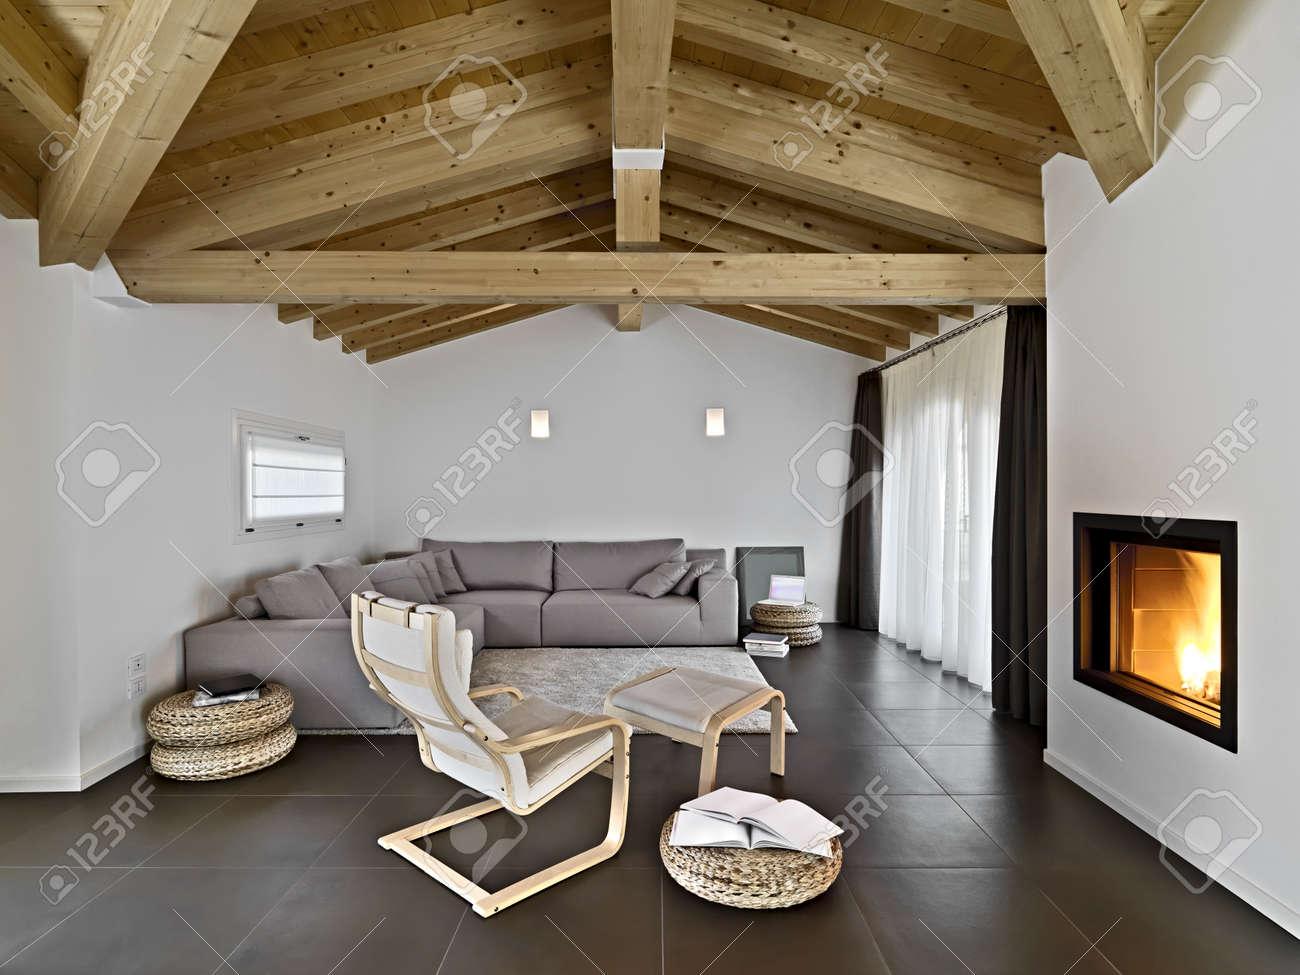 Moderne Wohnzimmer Mit Stoff Sofa Und Sessel Und Holzdecke ... Moderne Holzdecken Wohnzimmer